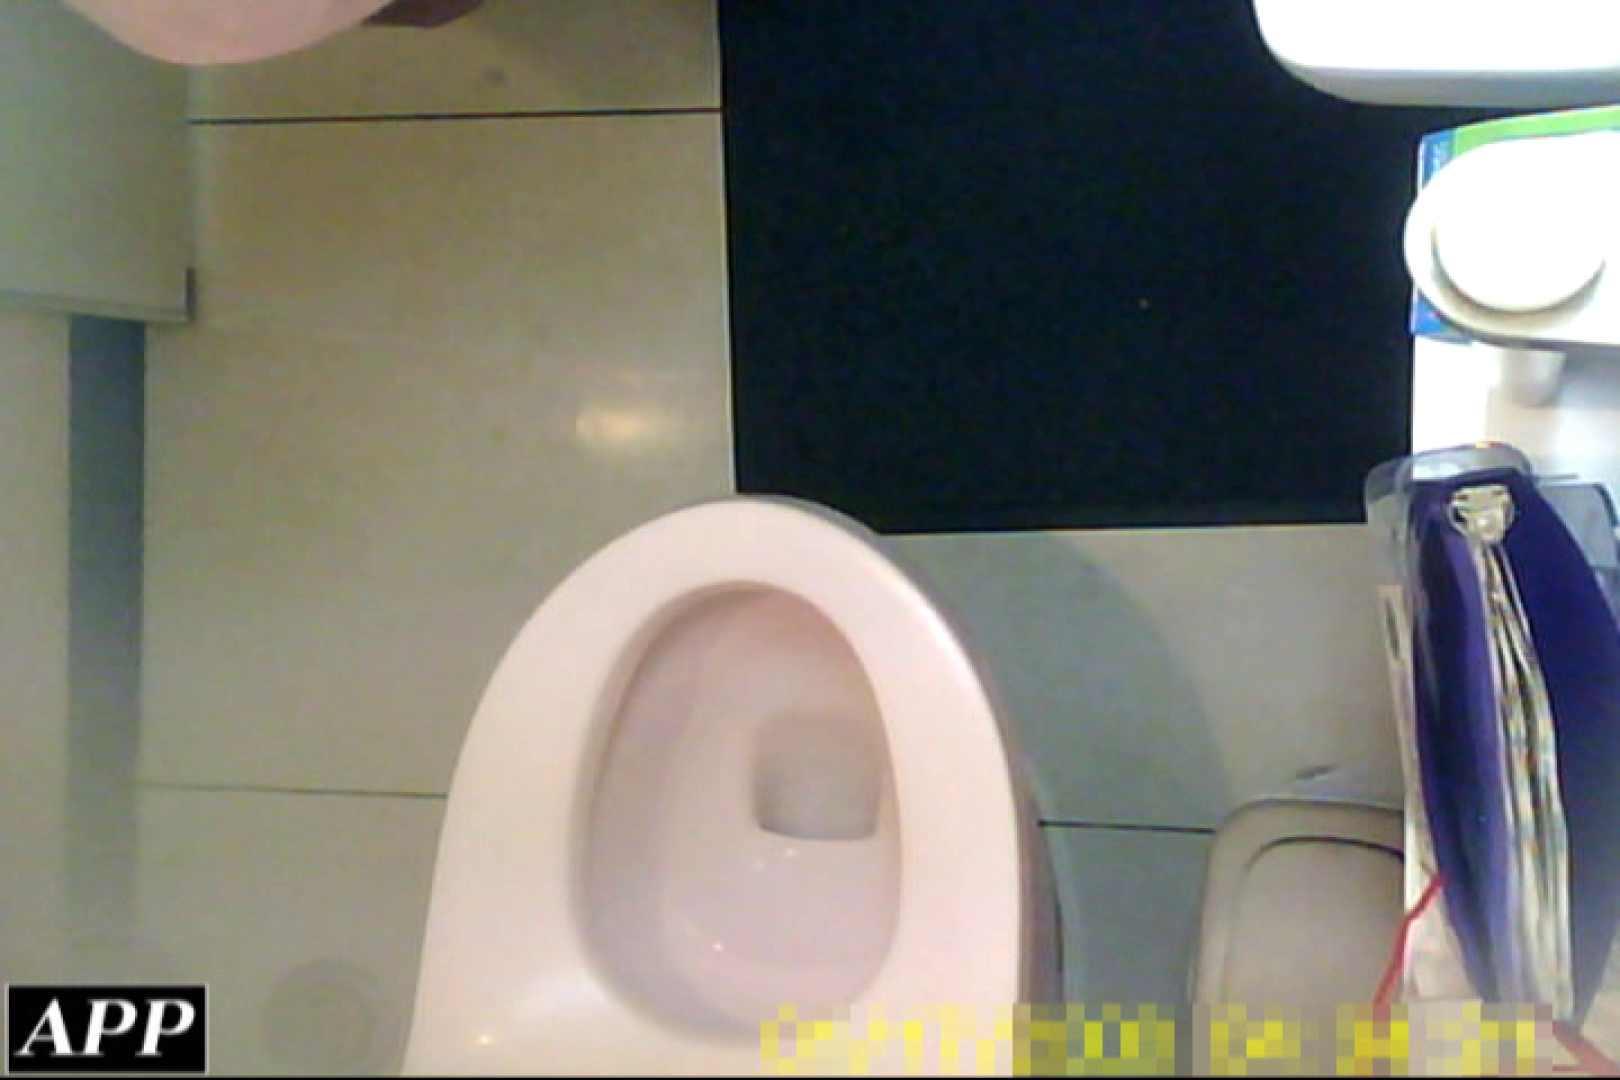 3視点洗面所 vol.126 OLのプライベート オマンコ無修正動画無料 13pic 8